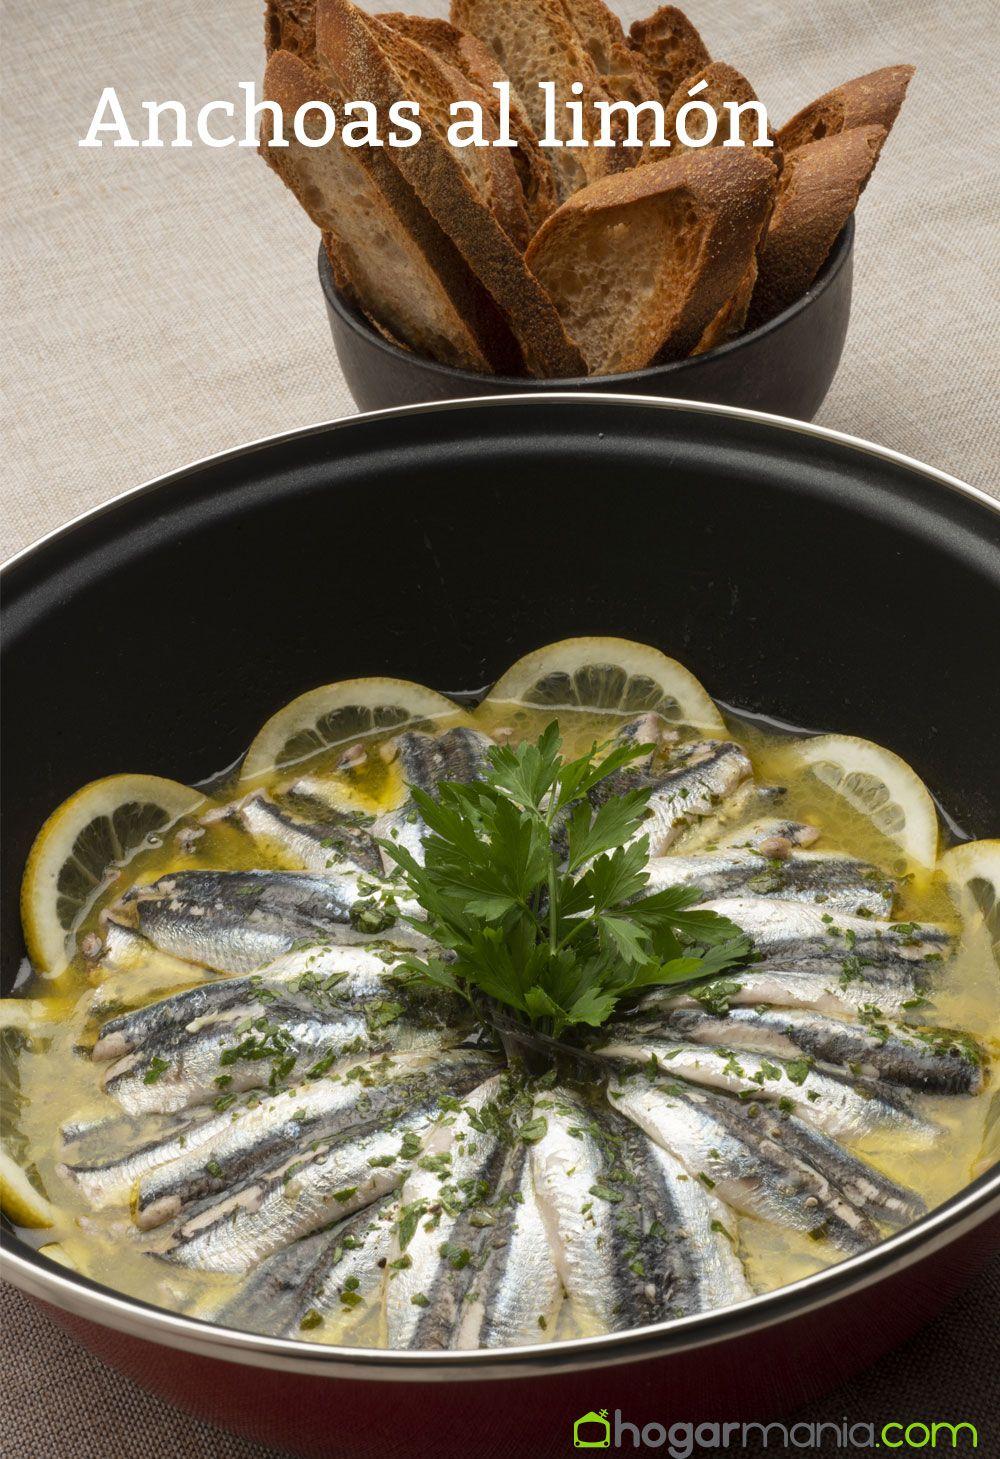 anchoas al limón